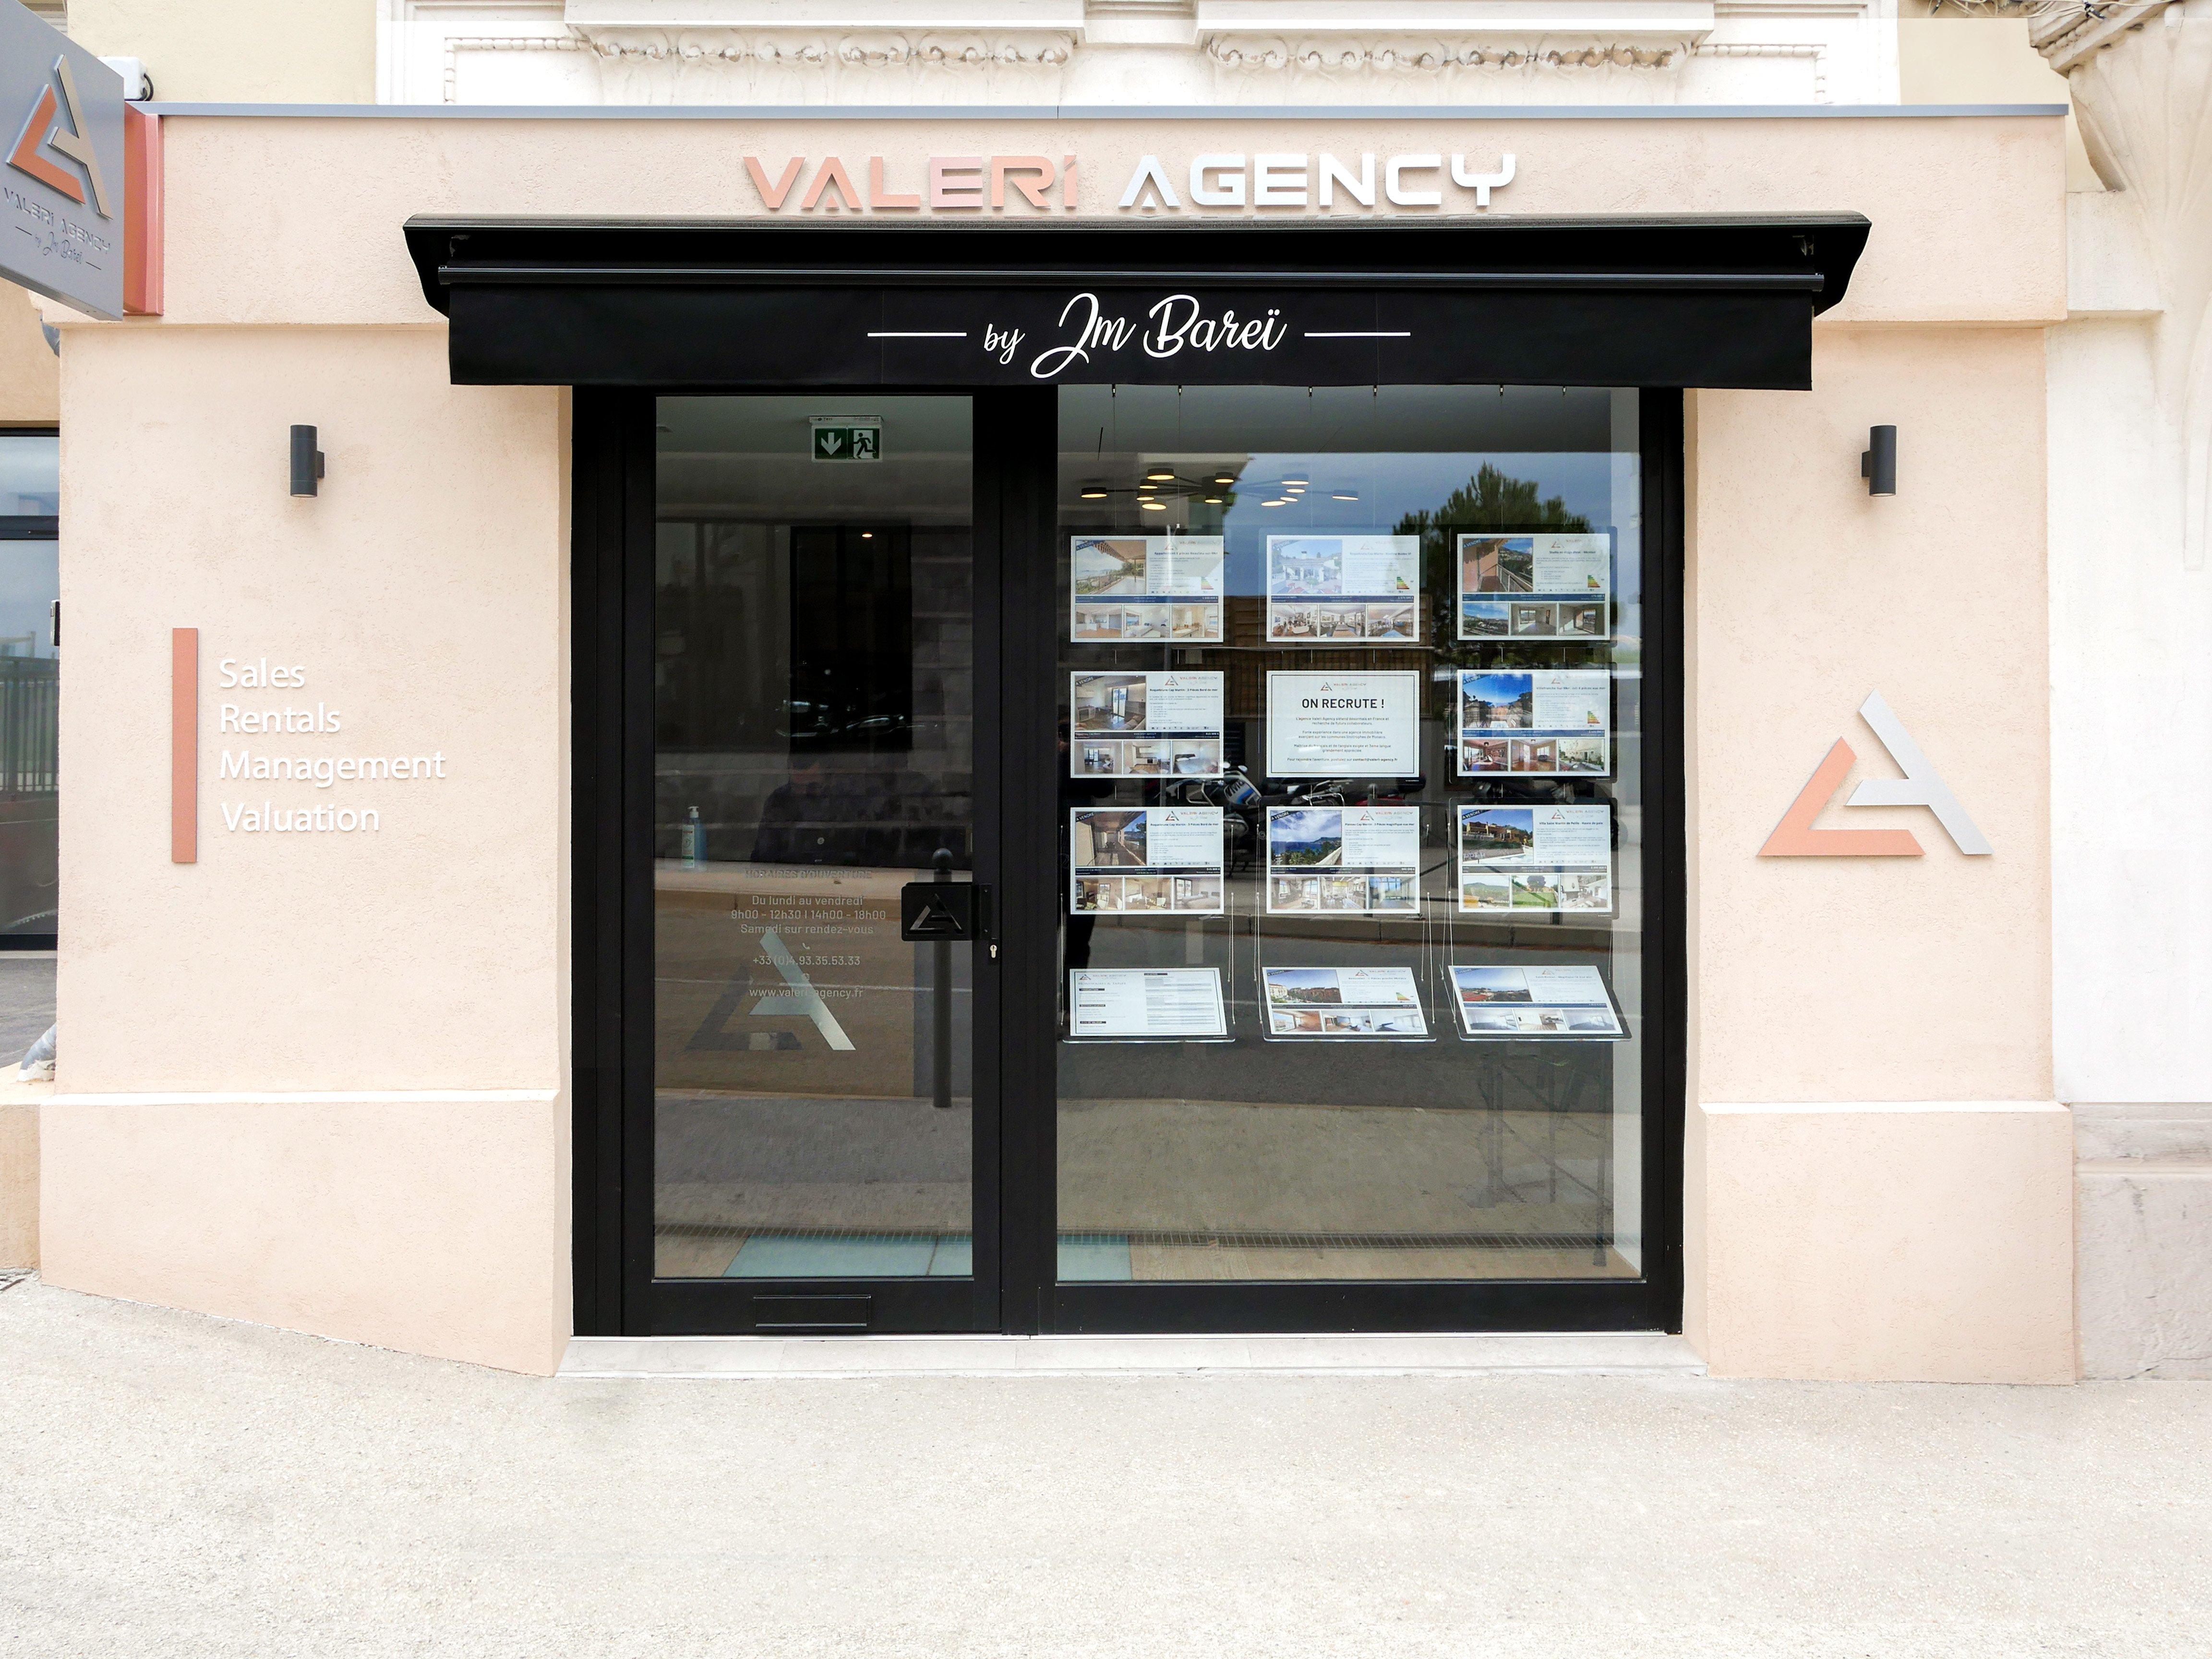 Valeri Agency